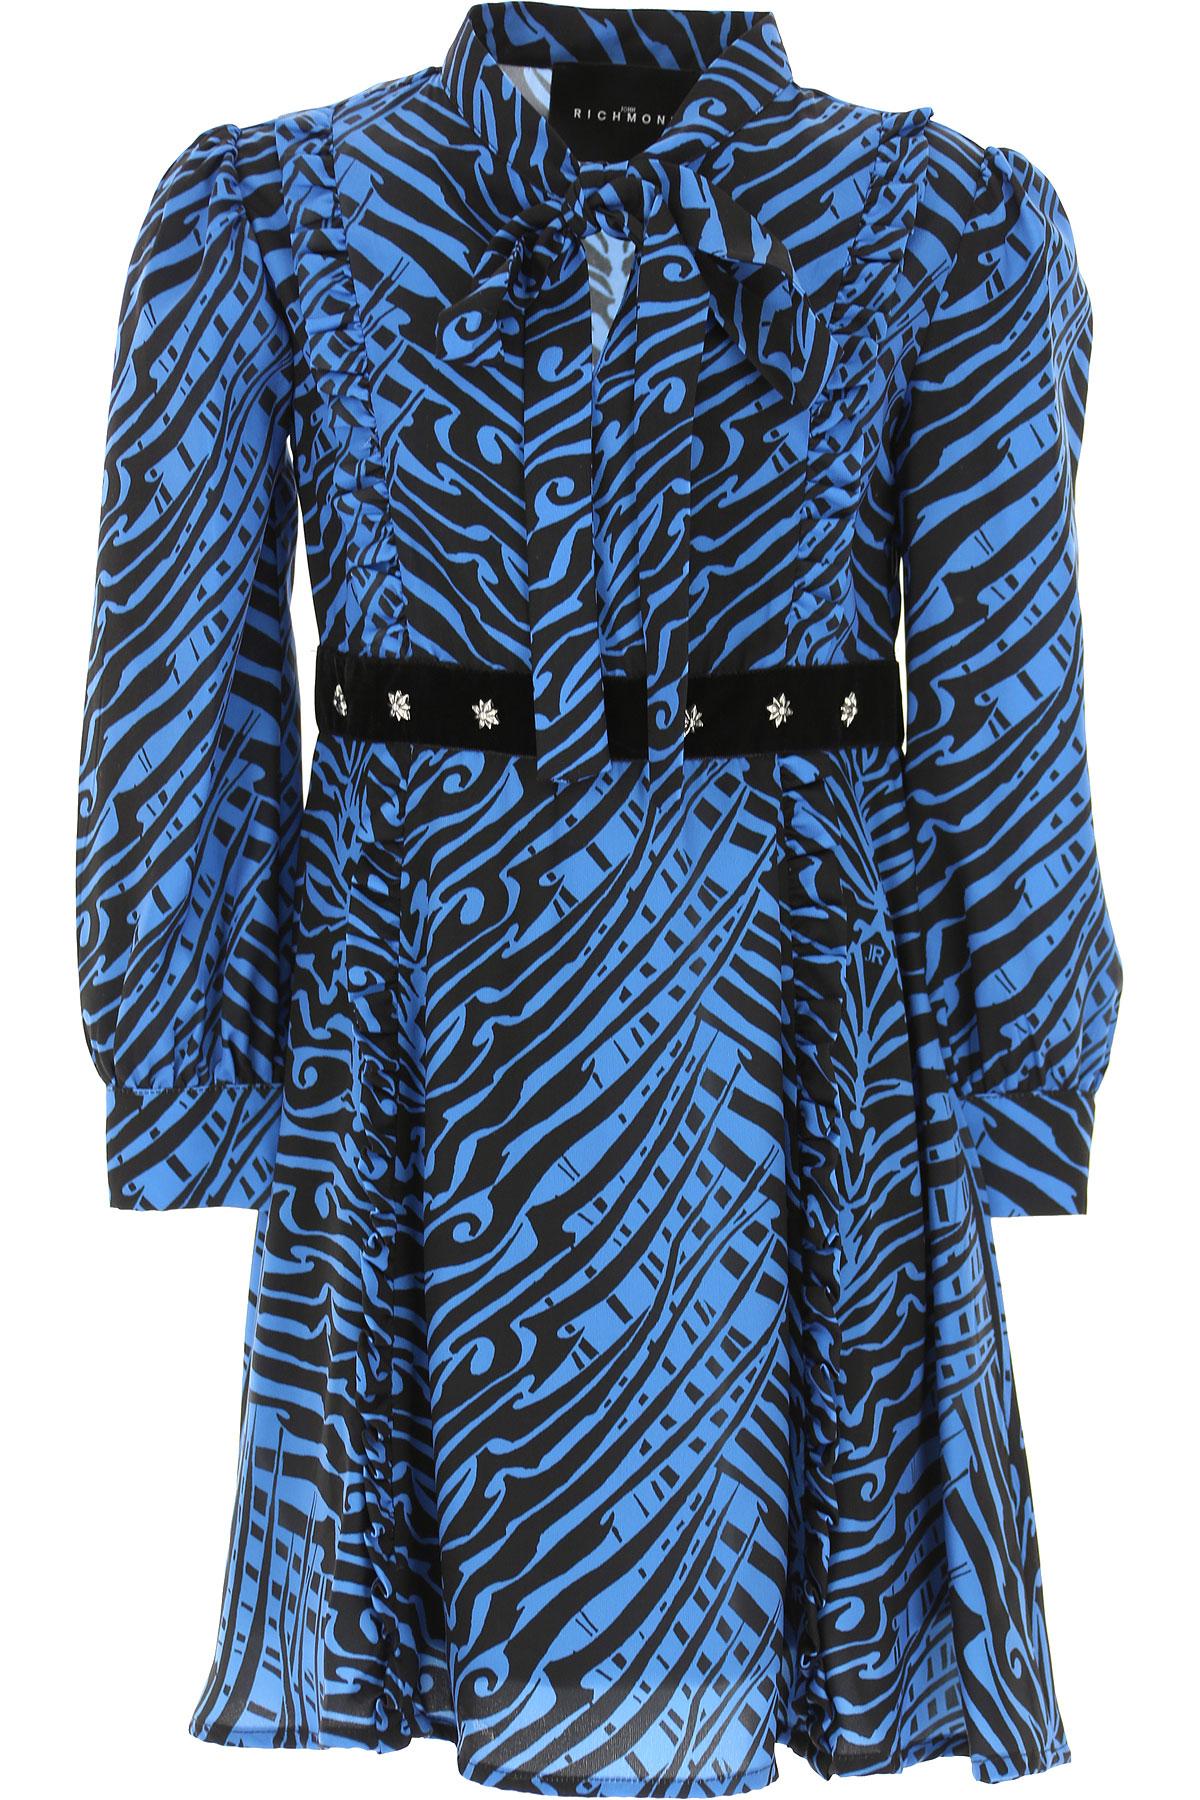 John Richmond Girls Dress On Sale, Dark Sky Blue, polyester, 2019, 10Y 12Y 14Y 16Y 6Y 8Y